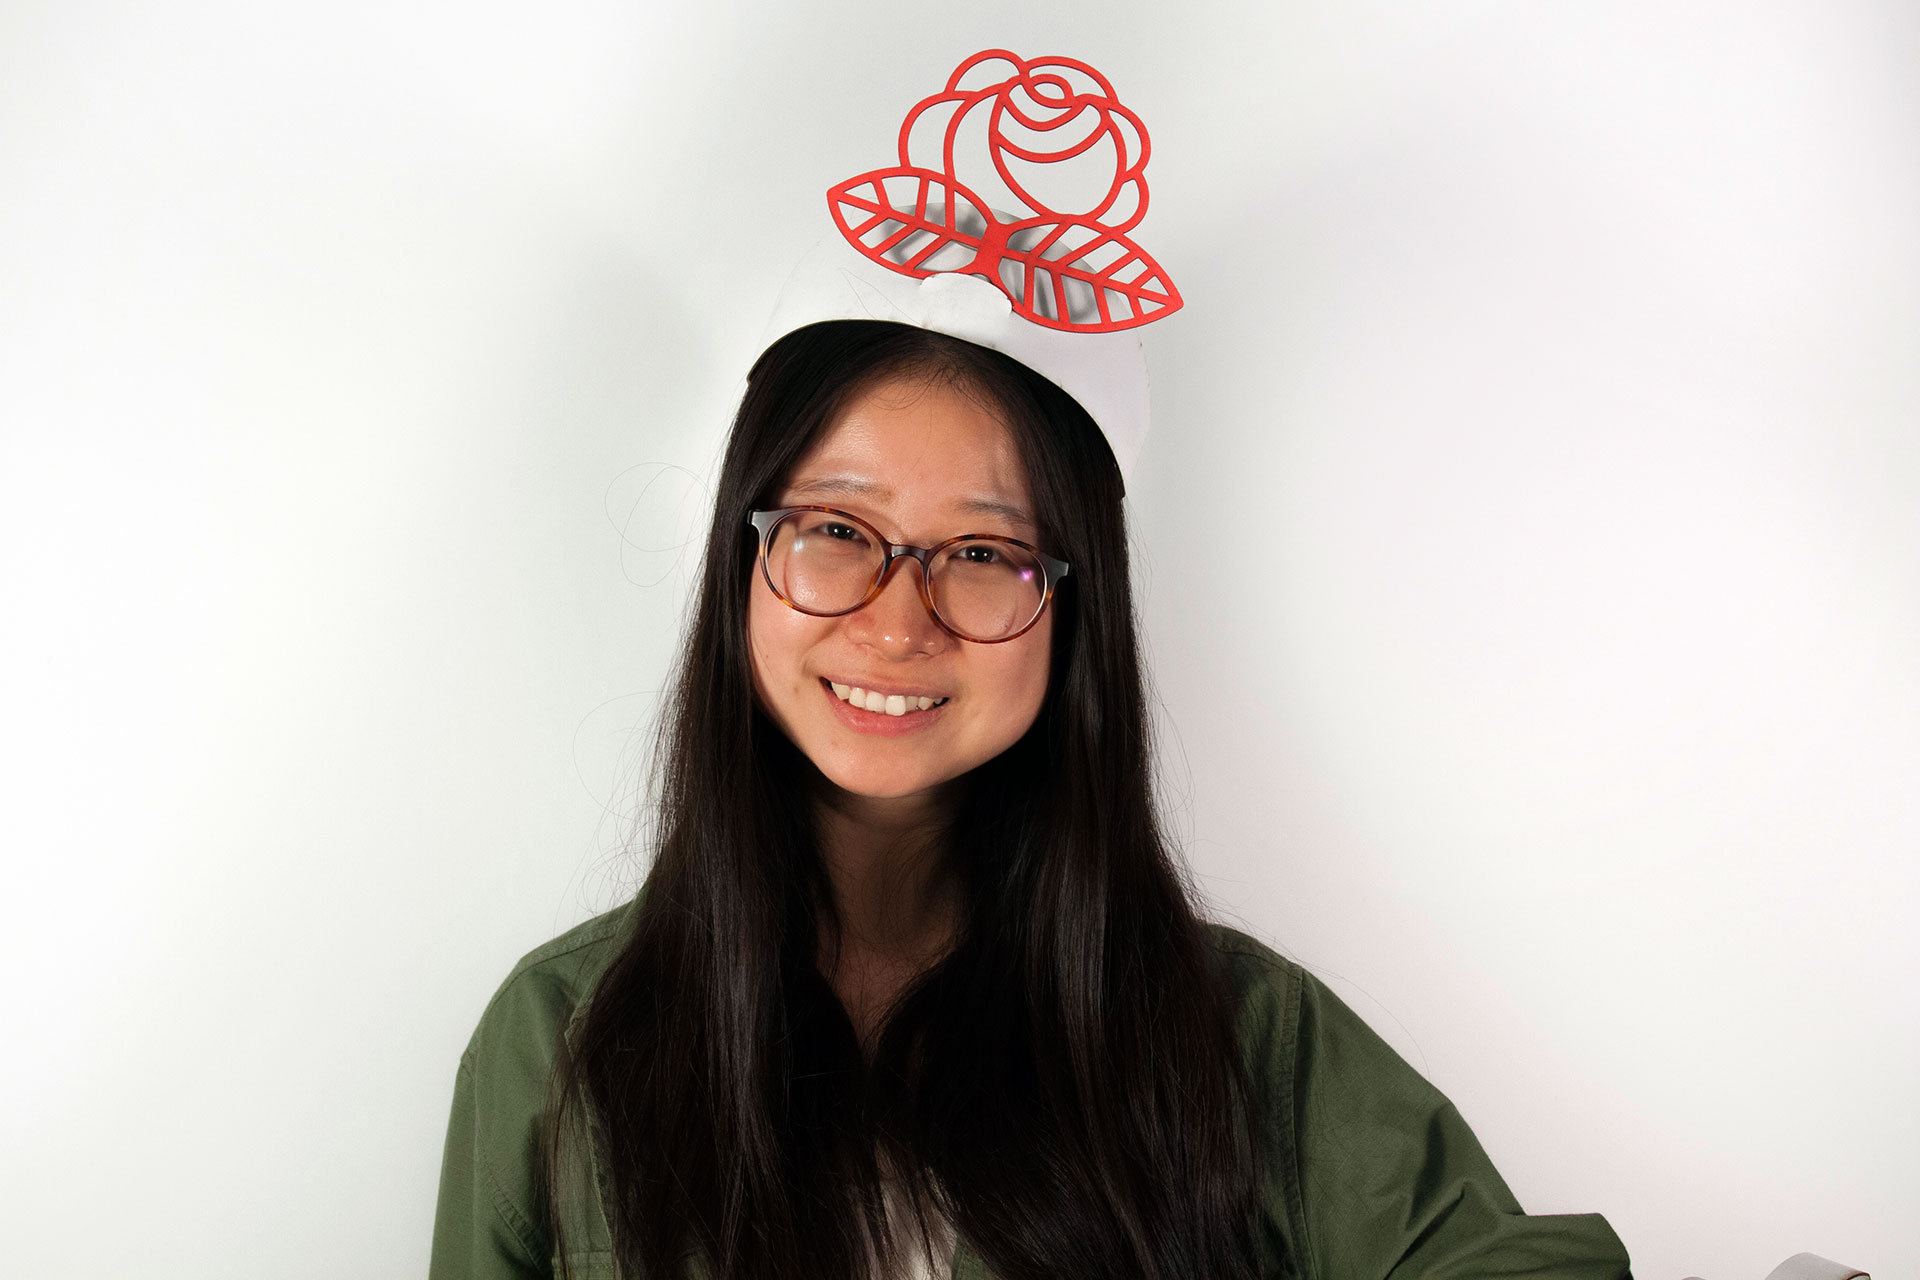 hat_on_model.jpg